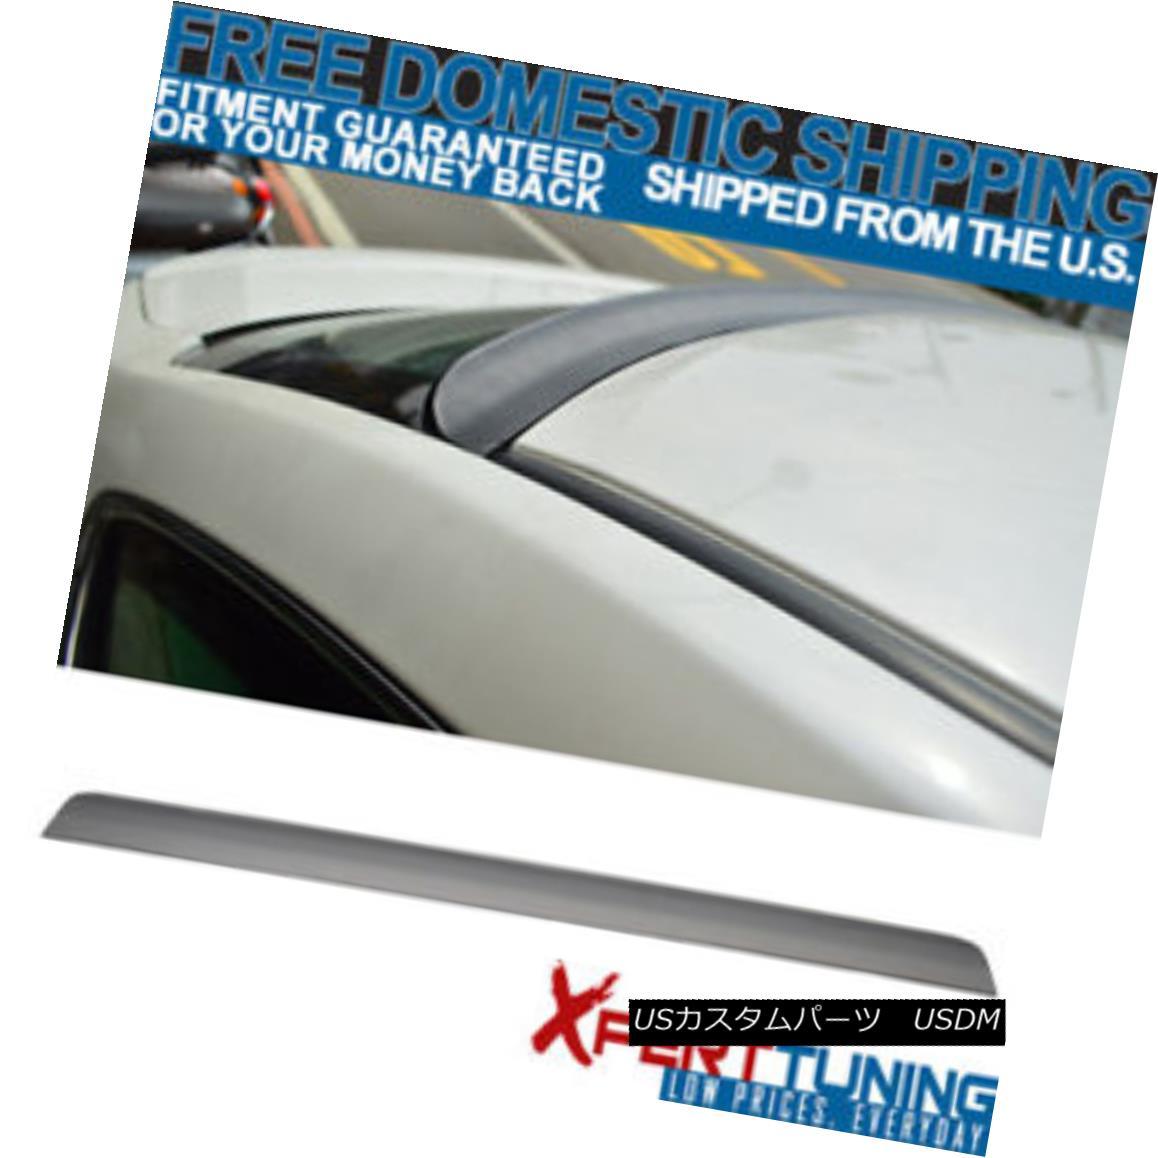 エアロパーツ 13 14 15 Honda Accord 4Dr 9TH Unpainted Rear Roof Spoiler Lip PUF 13 14 15ホンダアコード4Dr 9TH未塗装リアルーフスポイラーリップPUF